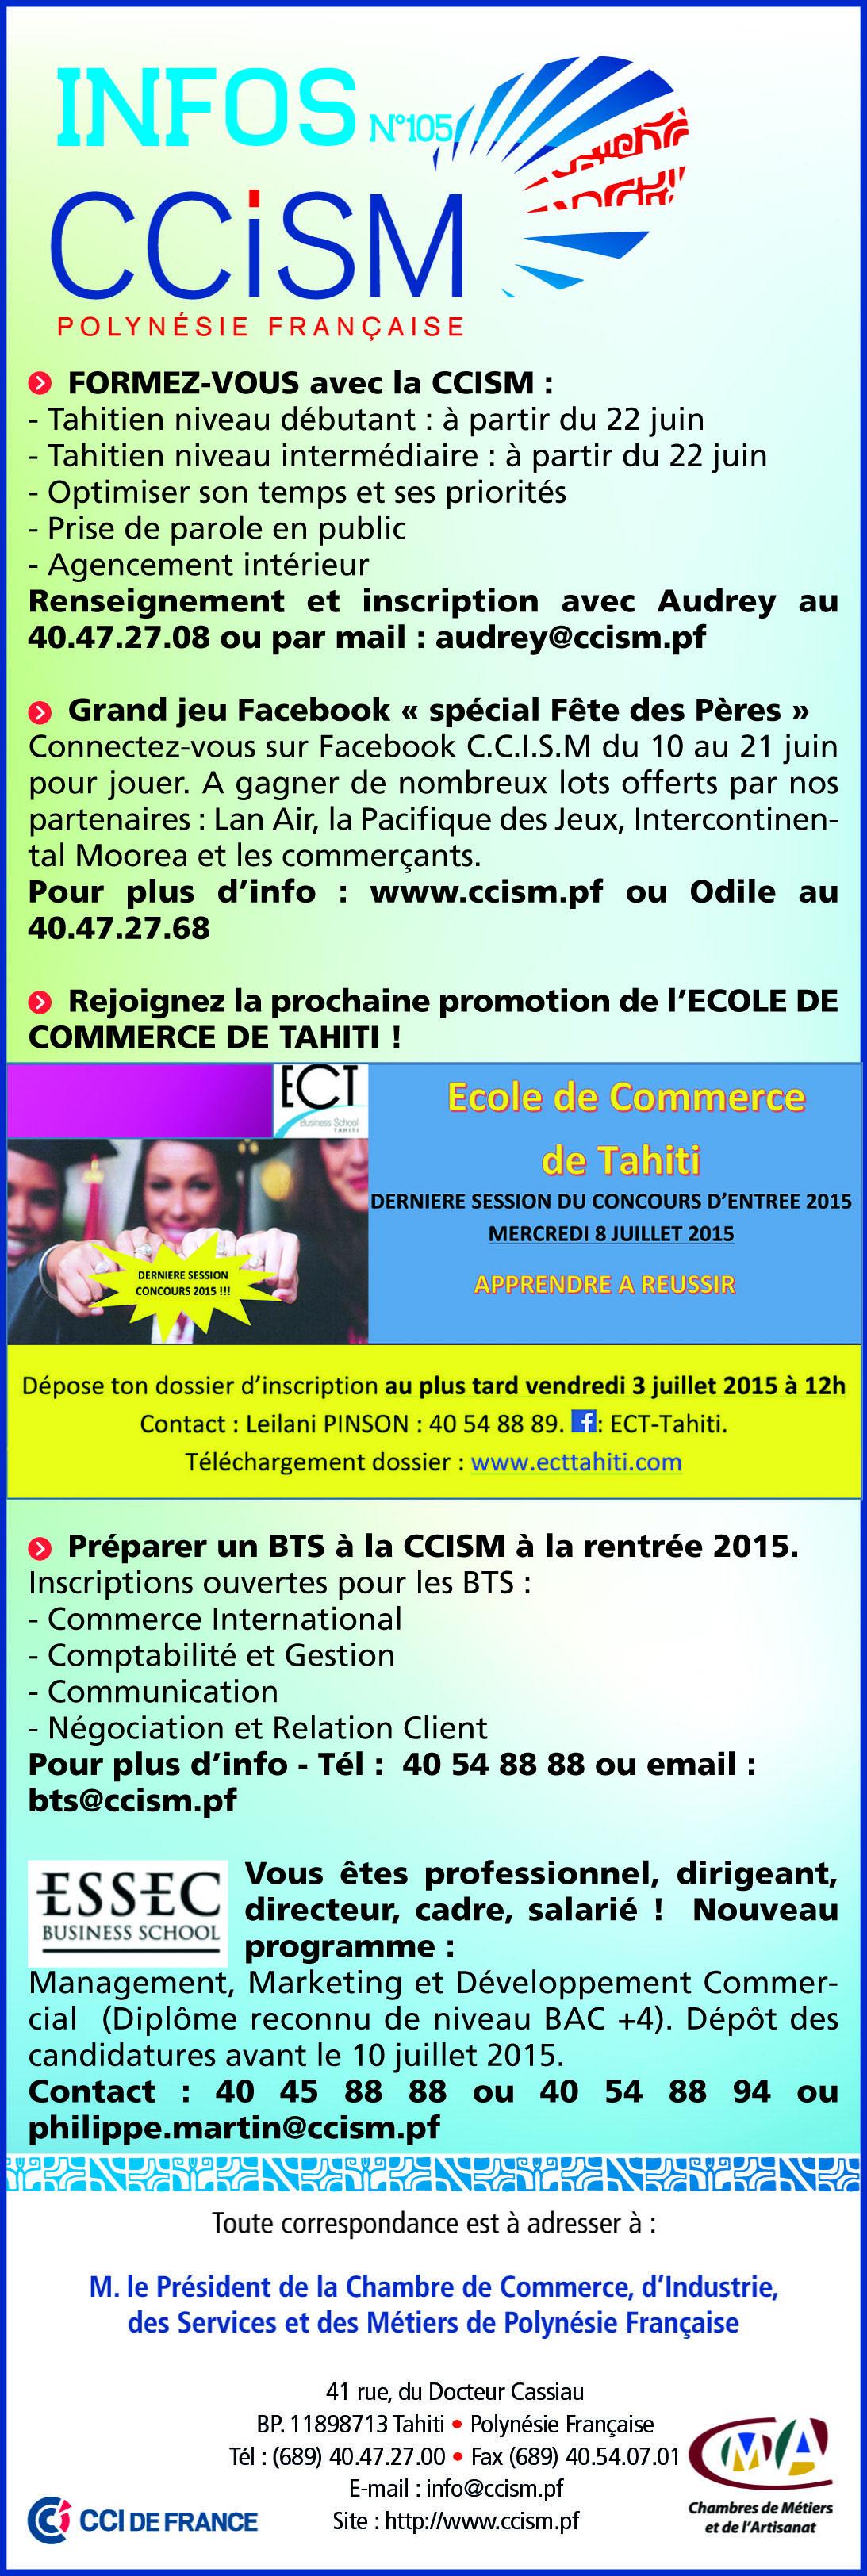 Infos CCSIM N°105